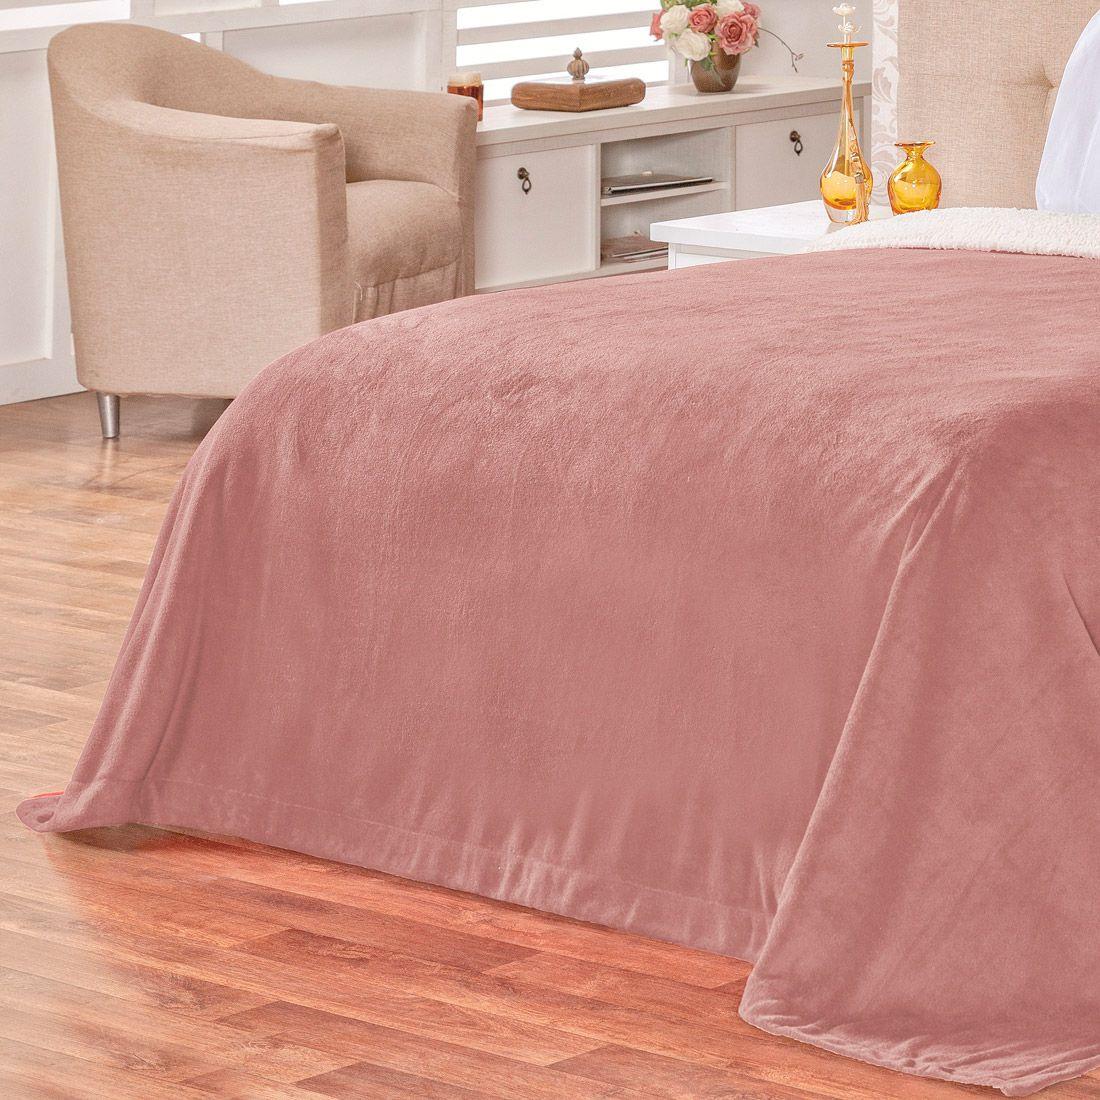 Cobertor Malmo Rosê Dupla Face Queen - Tecido Sherpa e Manta Microfibra